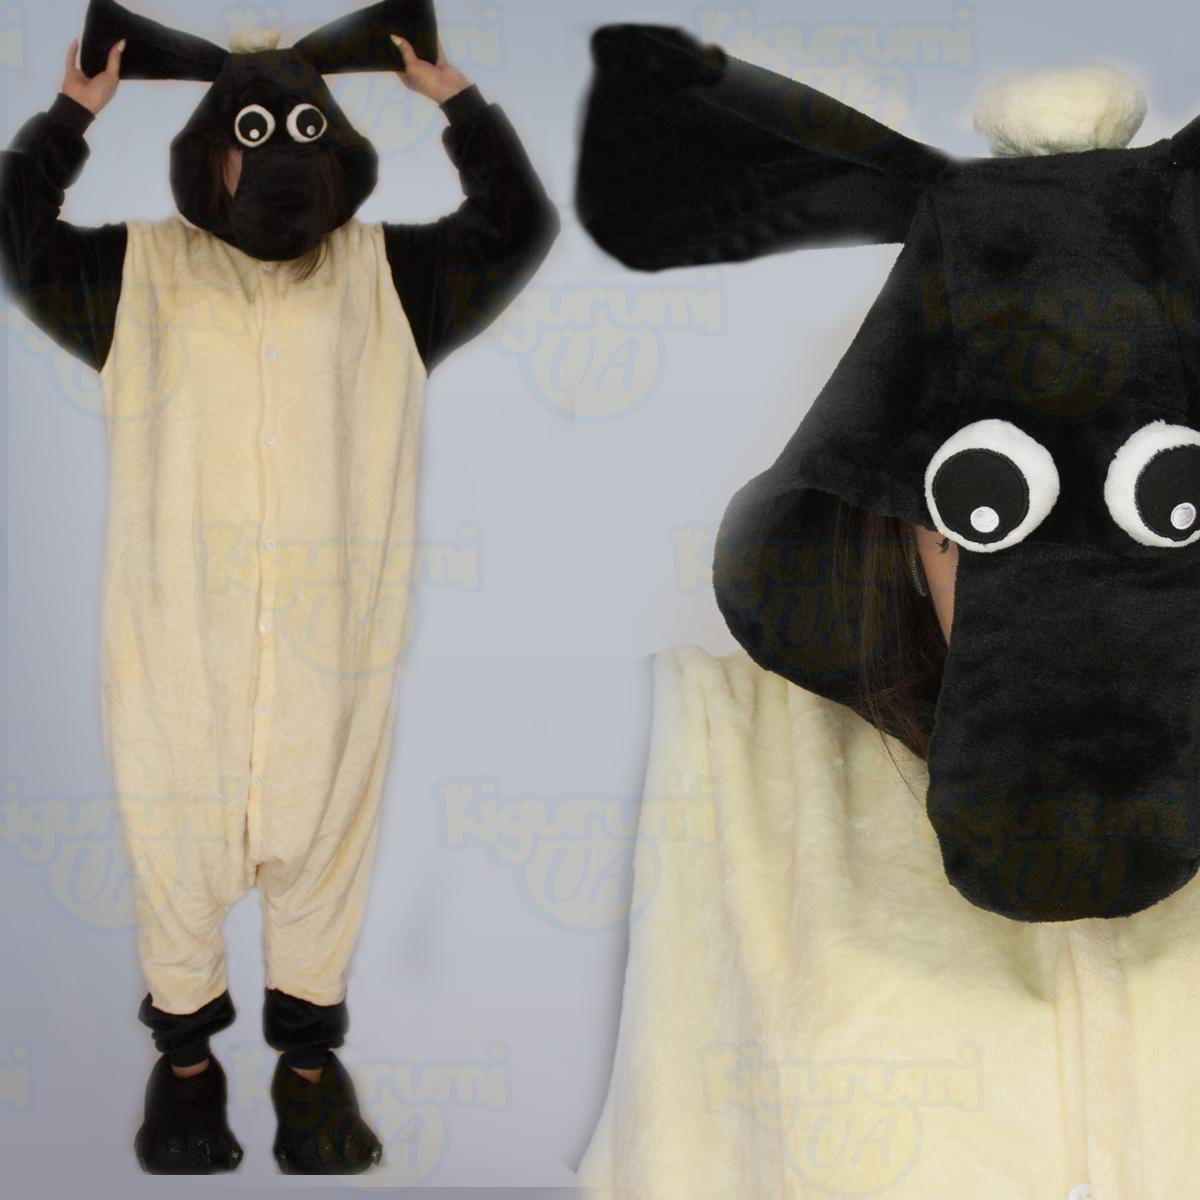 кигуруми, пижама кигуруми, кигуруми купить, кигуруми купить украина, кигуруми киев, кігурумі, кигуруми купить киев, купить кигуруми, кигуруми единорог, пижама единорог, кигуруми украина, пижама кигуруми купить, kigurumi, пижама комбинезон купить украина